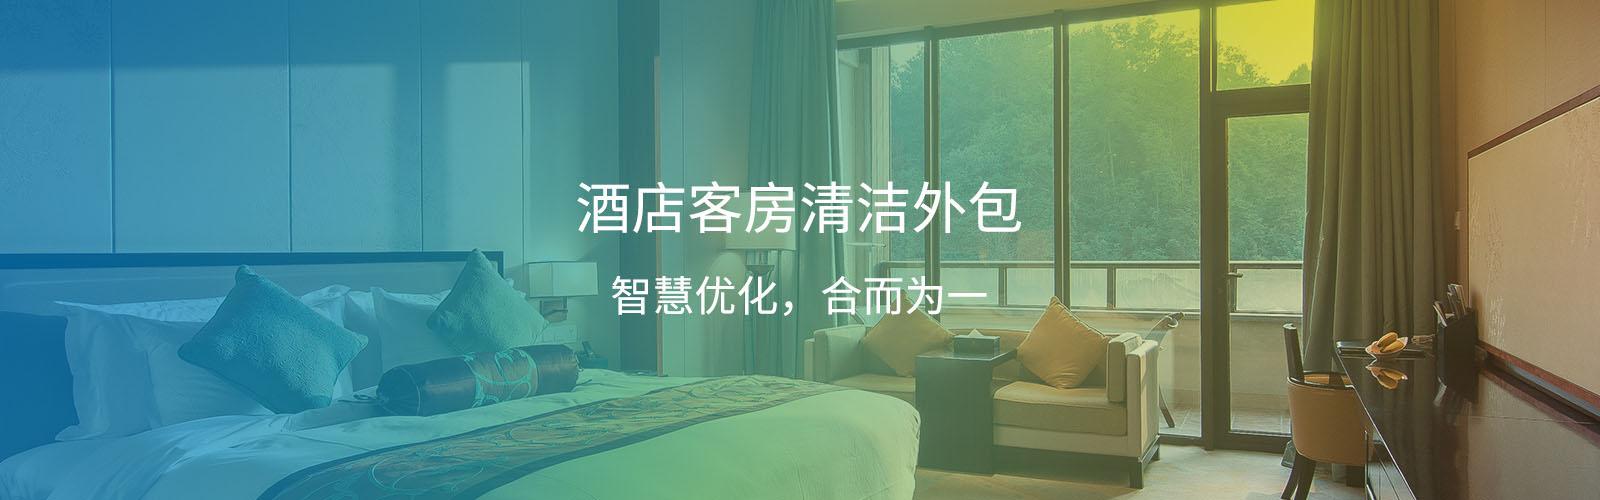 沈阳劳务外包公司